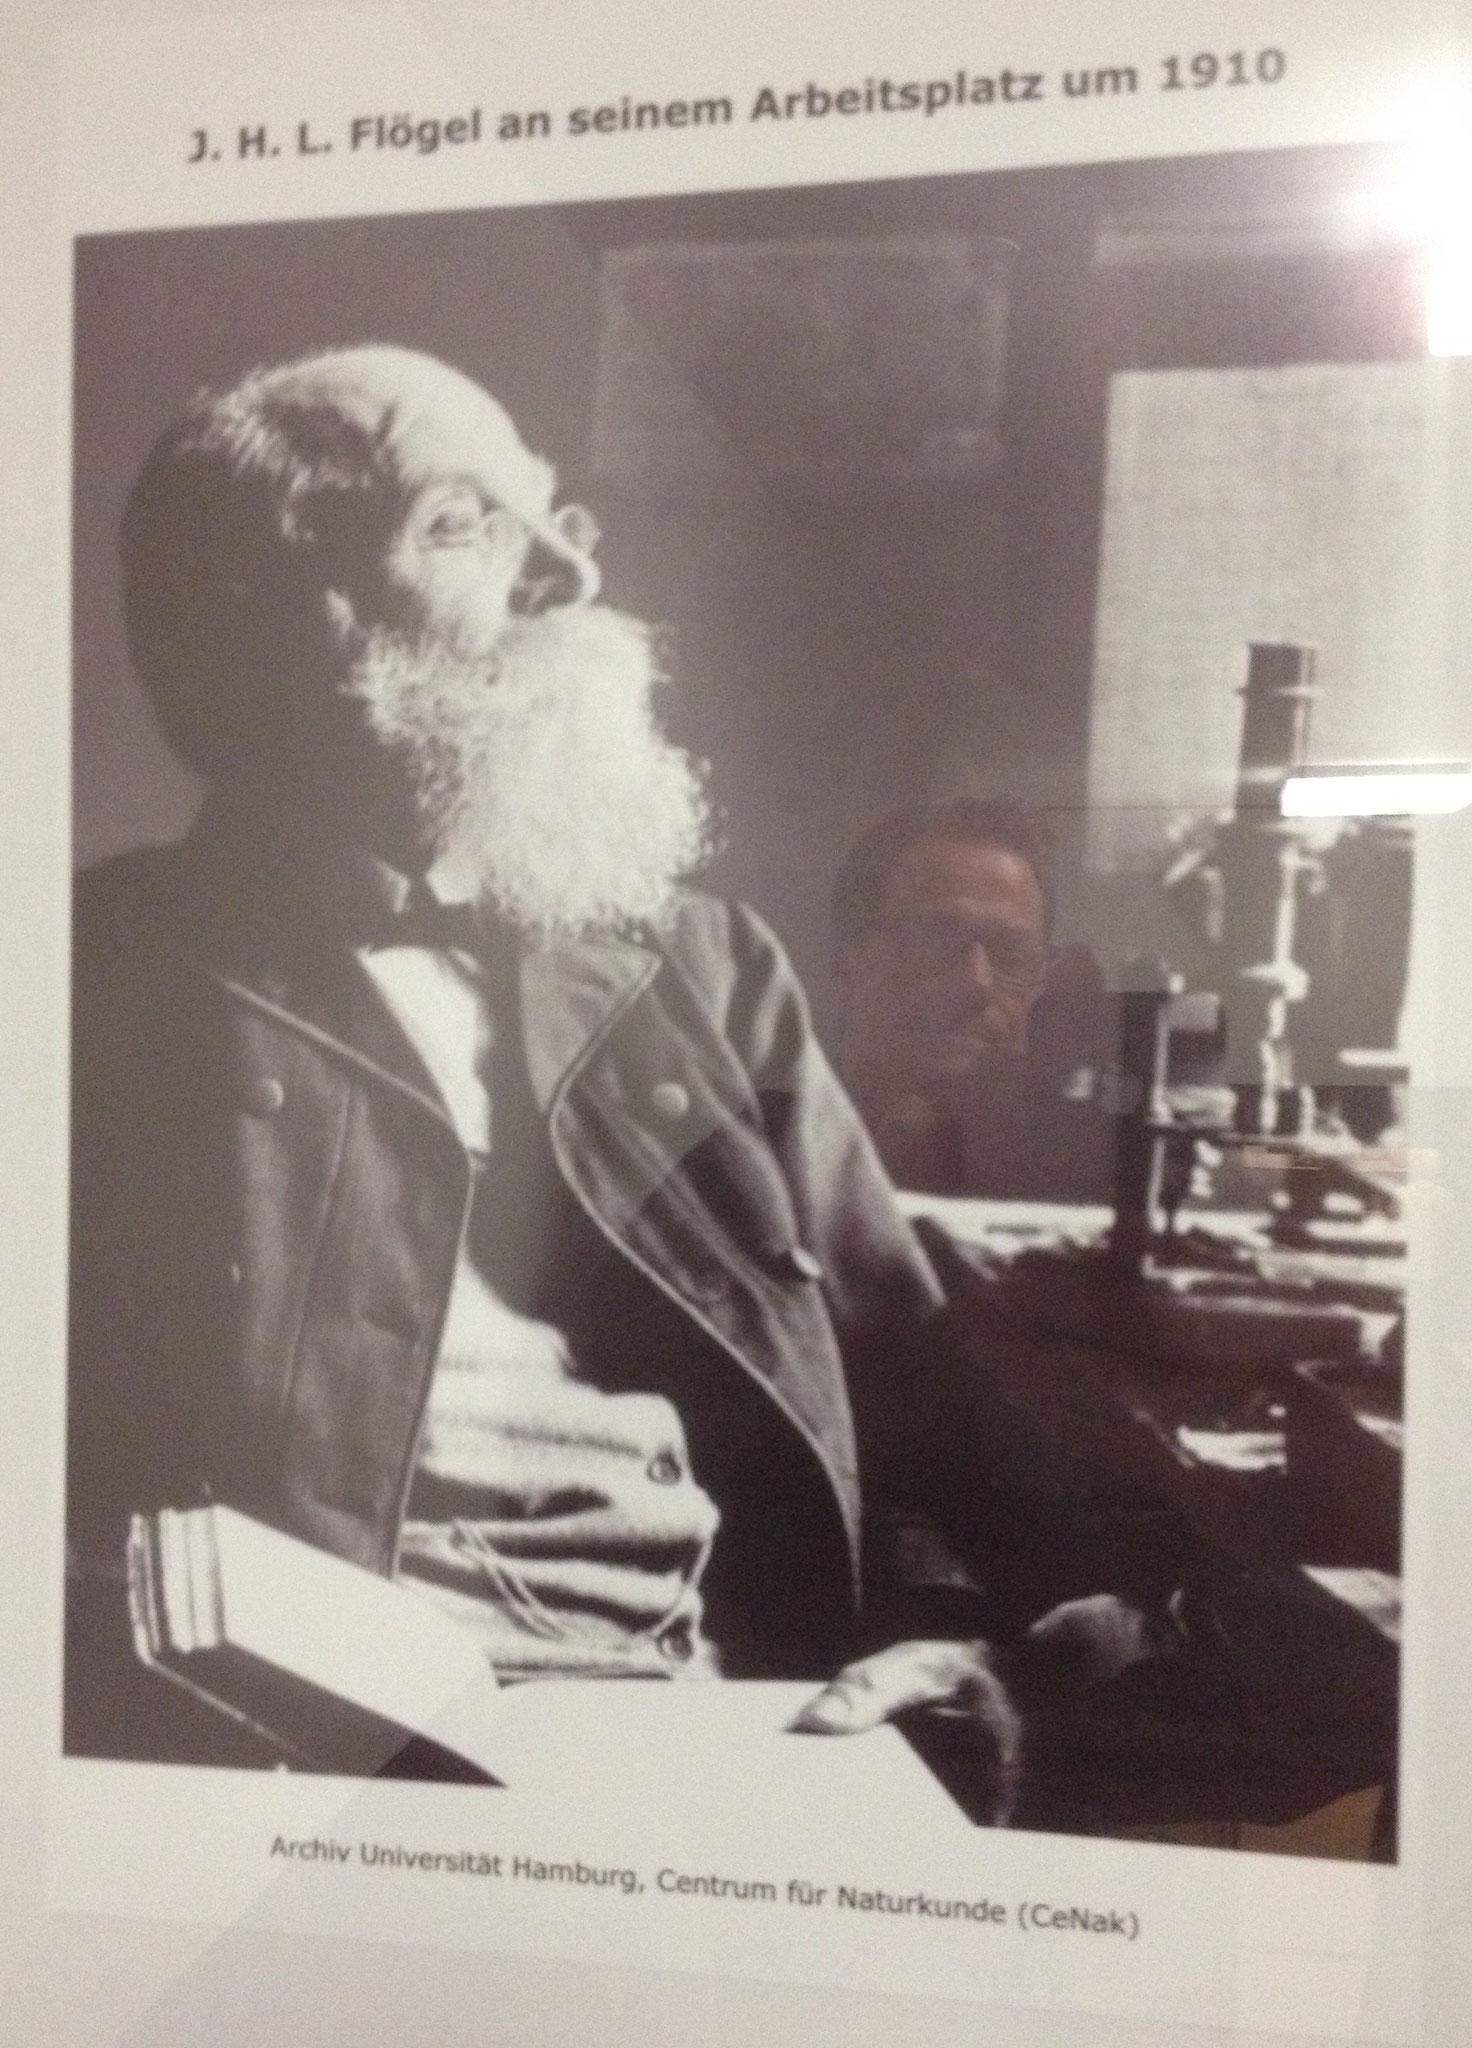 Dr. Johann Heinrich Ludwig Flögel